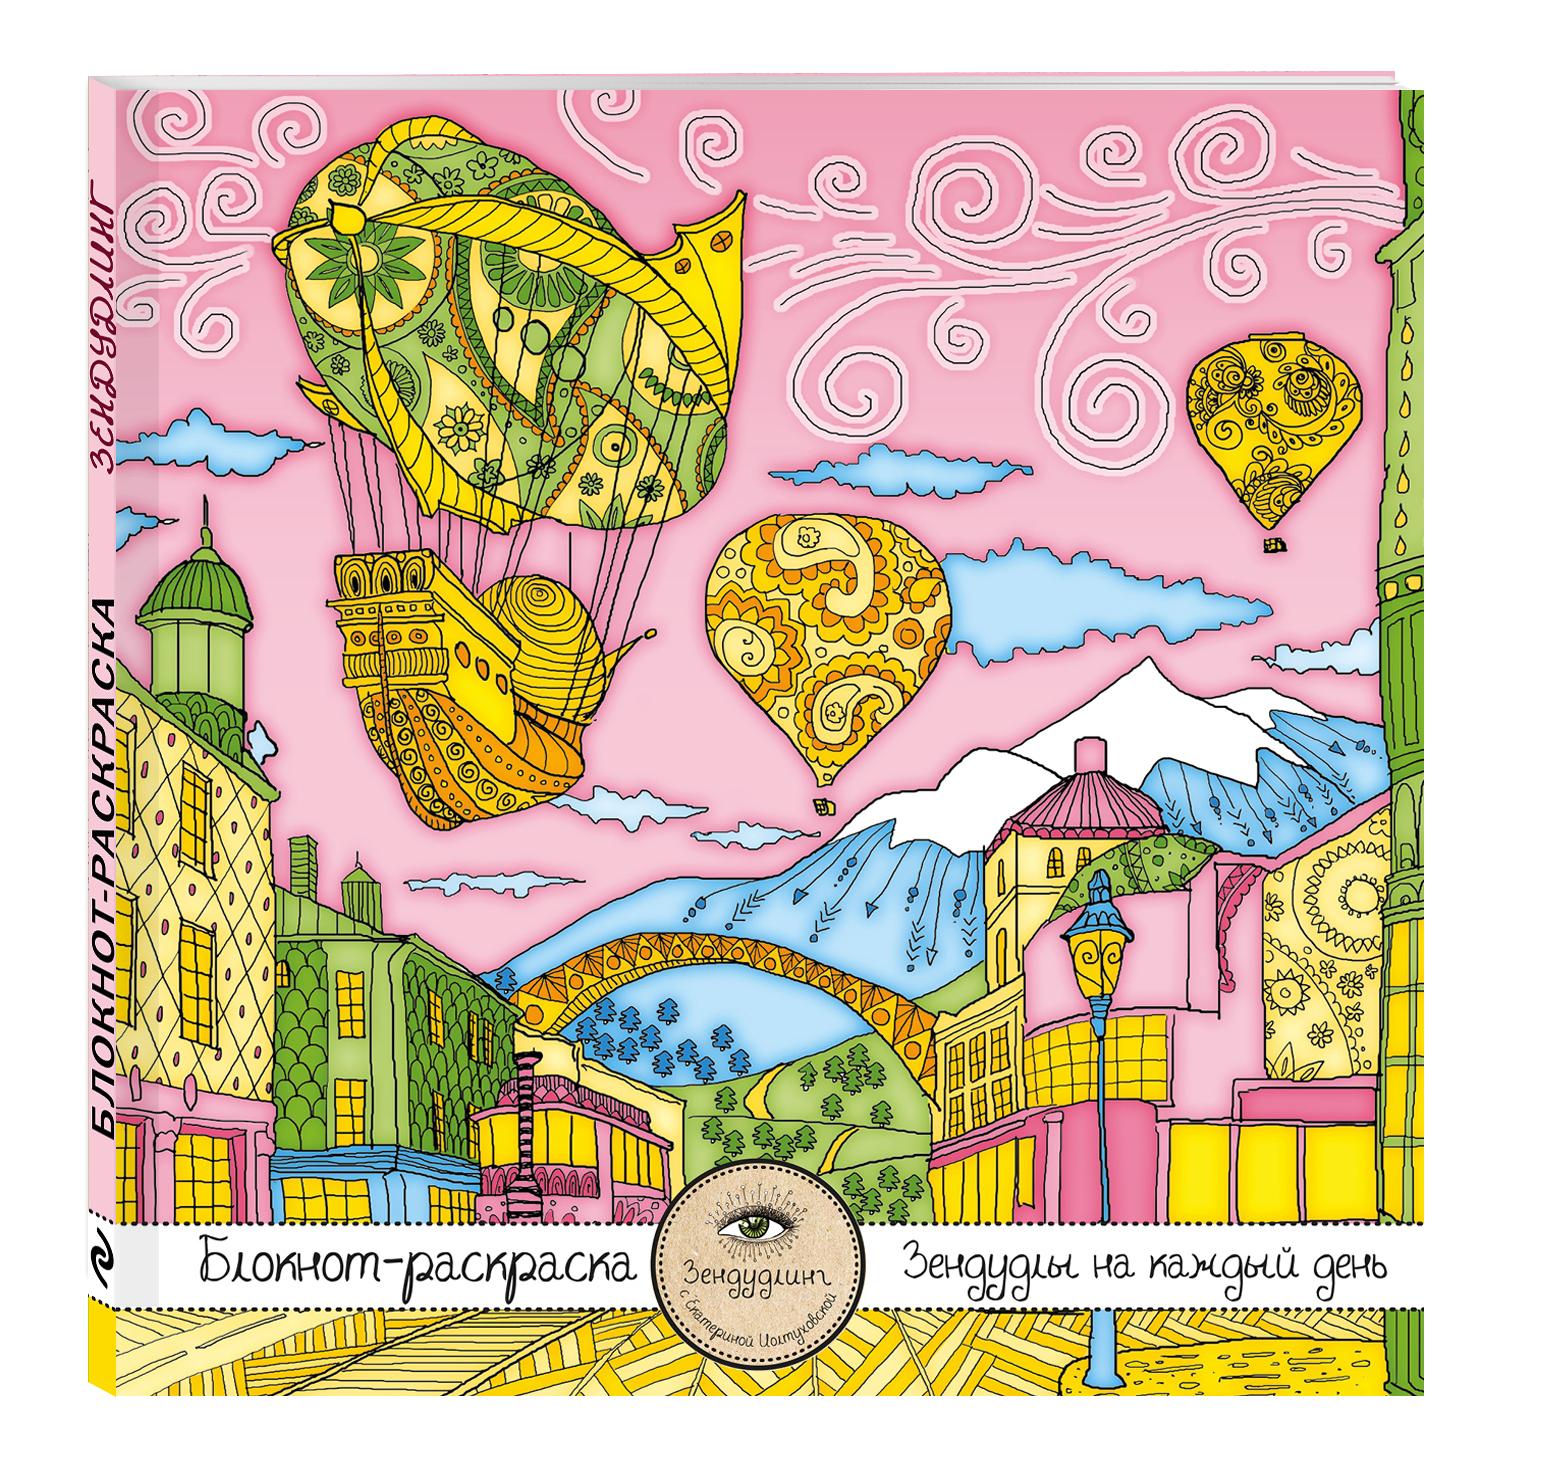 Блокнот-раскраска для взрослых: Путешествие во сне. Летучий корабль